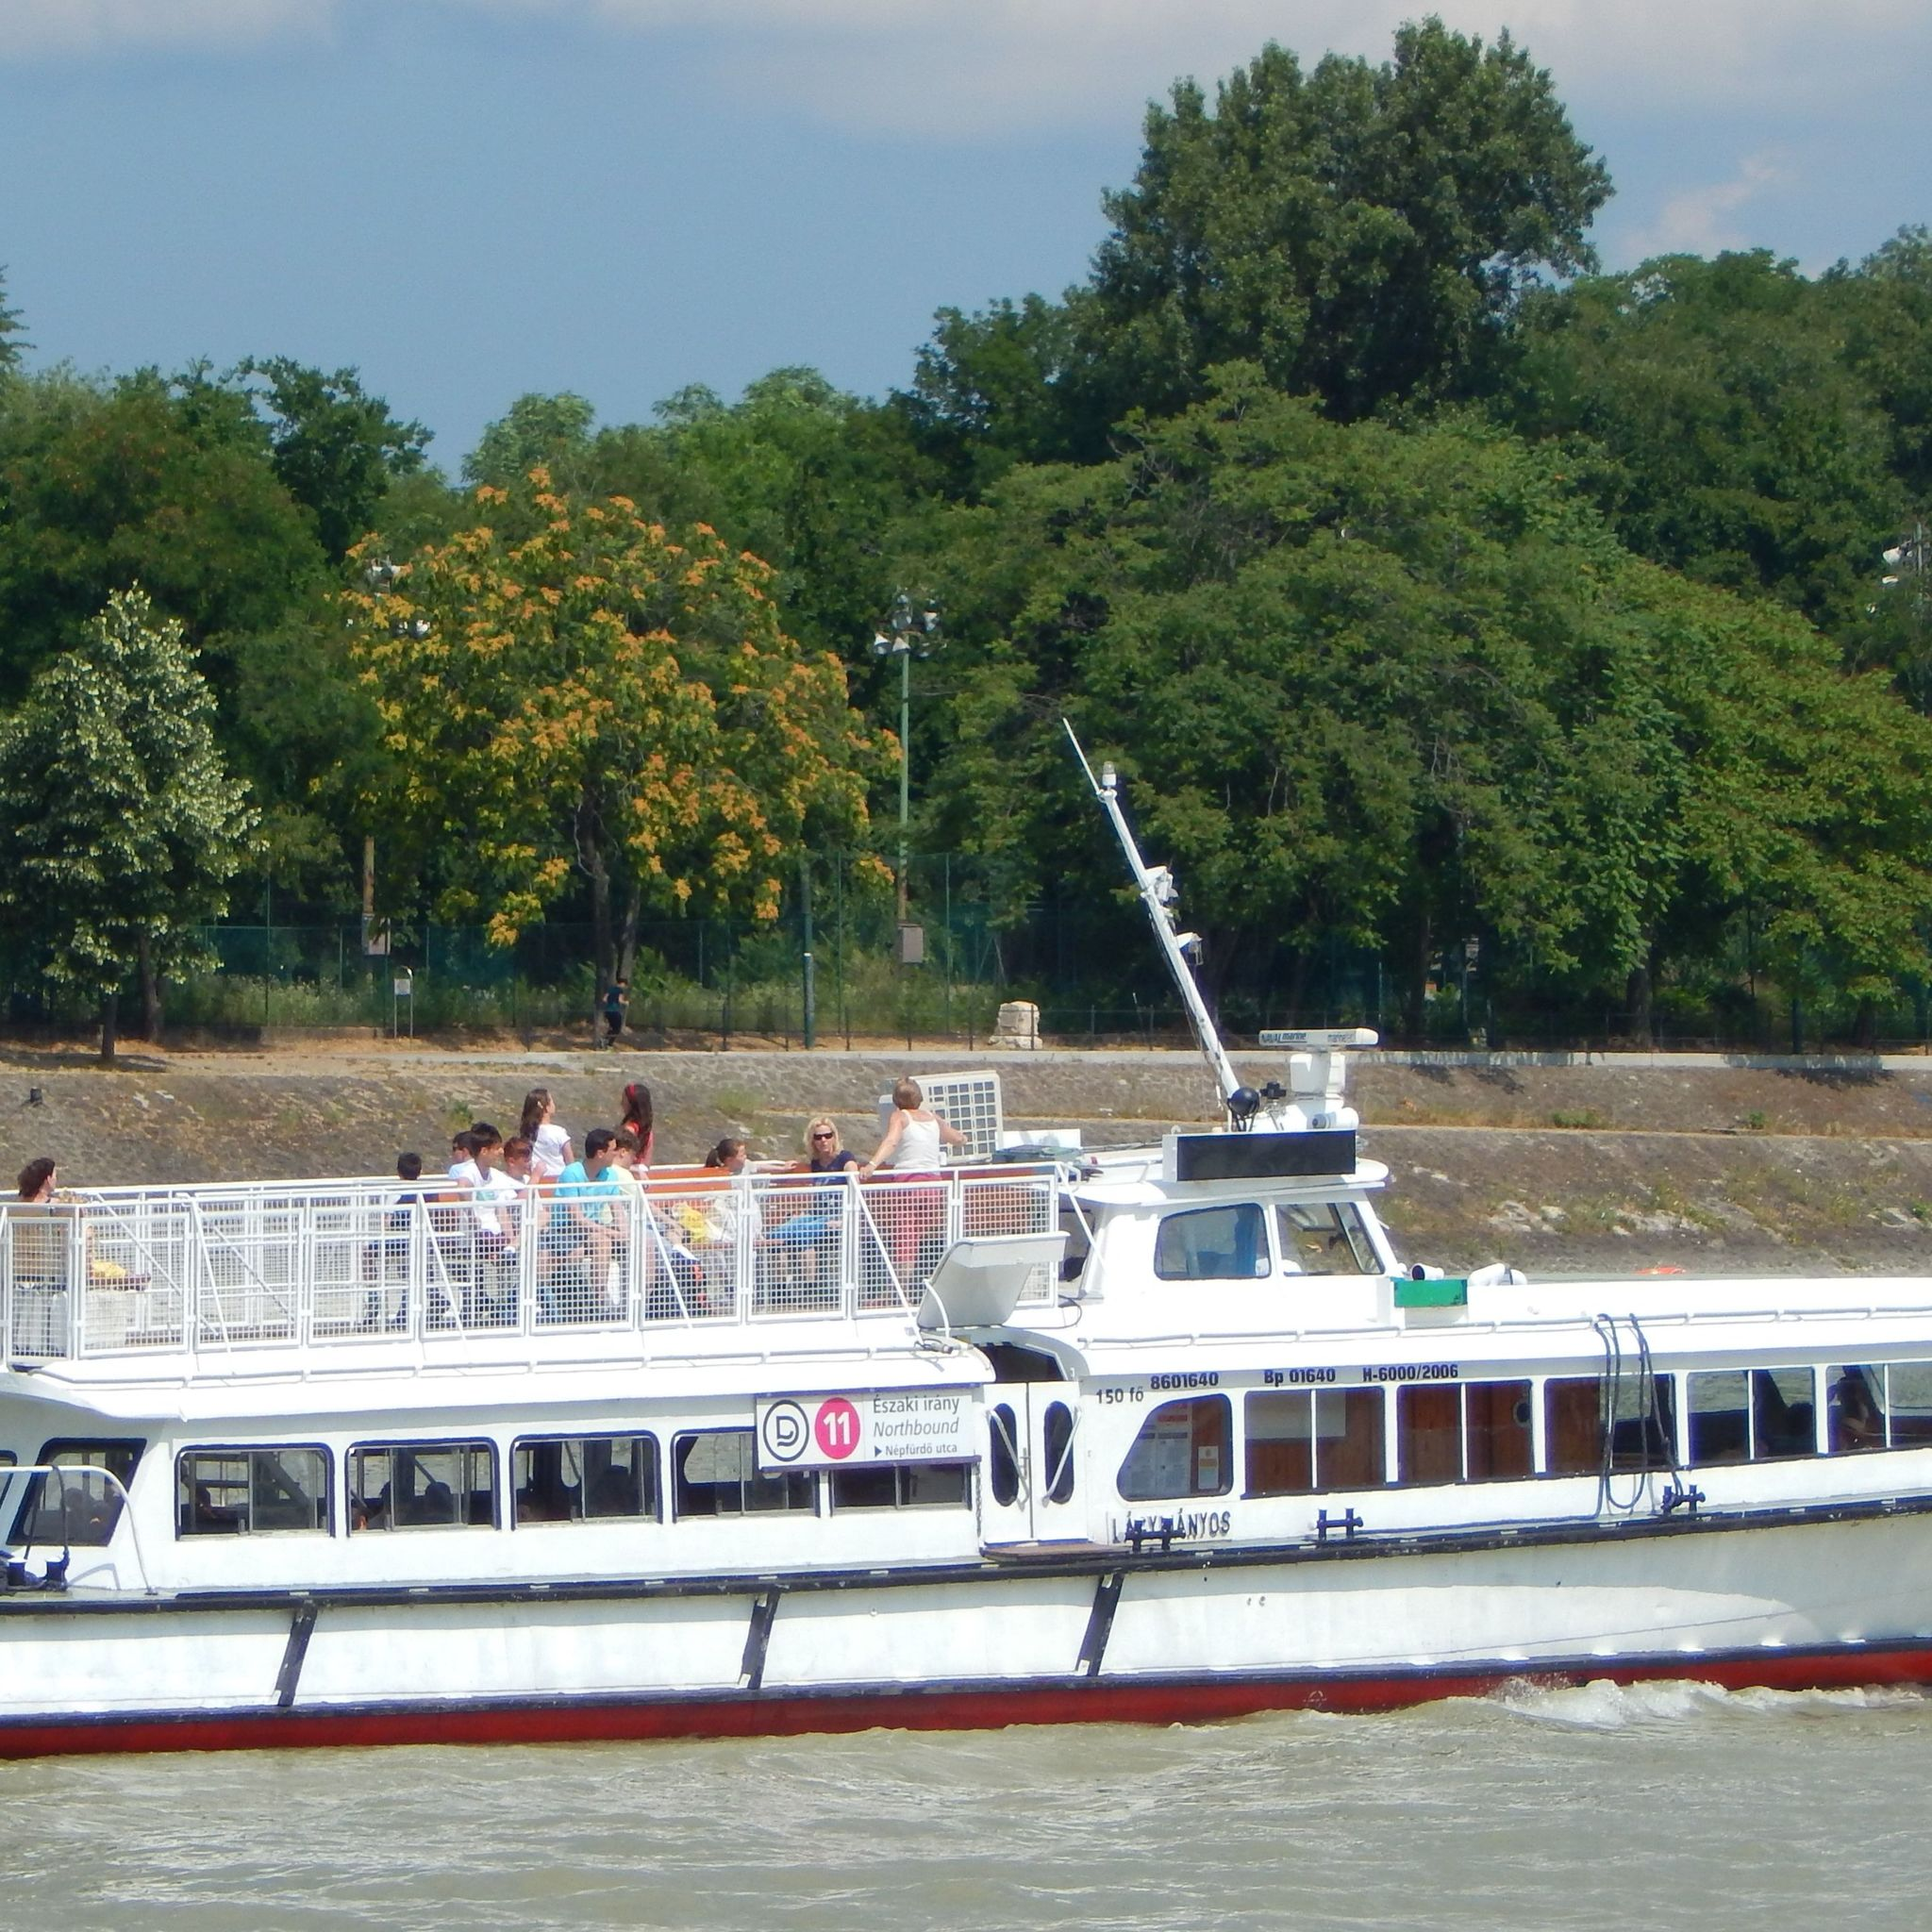 Aquamarina Boathotel & Rendezvényhajó Budapest - Márciustól - Novemberig közvetlenül a szállodától induló hajó járatok tökéletes városnézésre adnak lehetőséget a Dunáról.